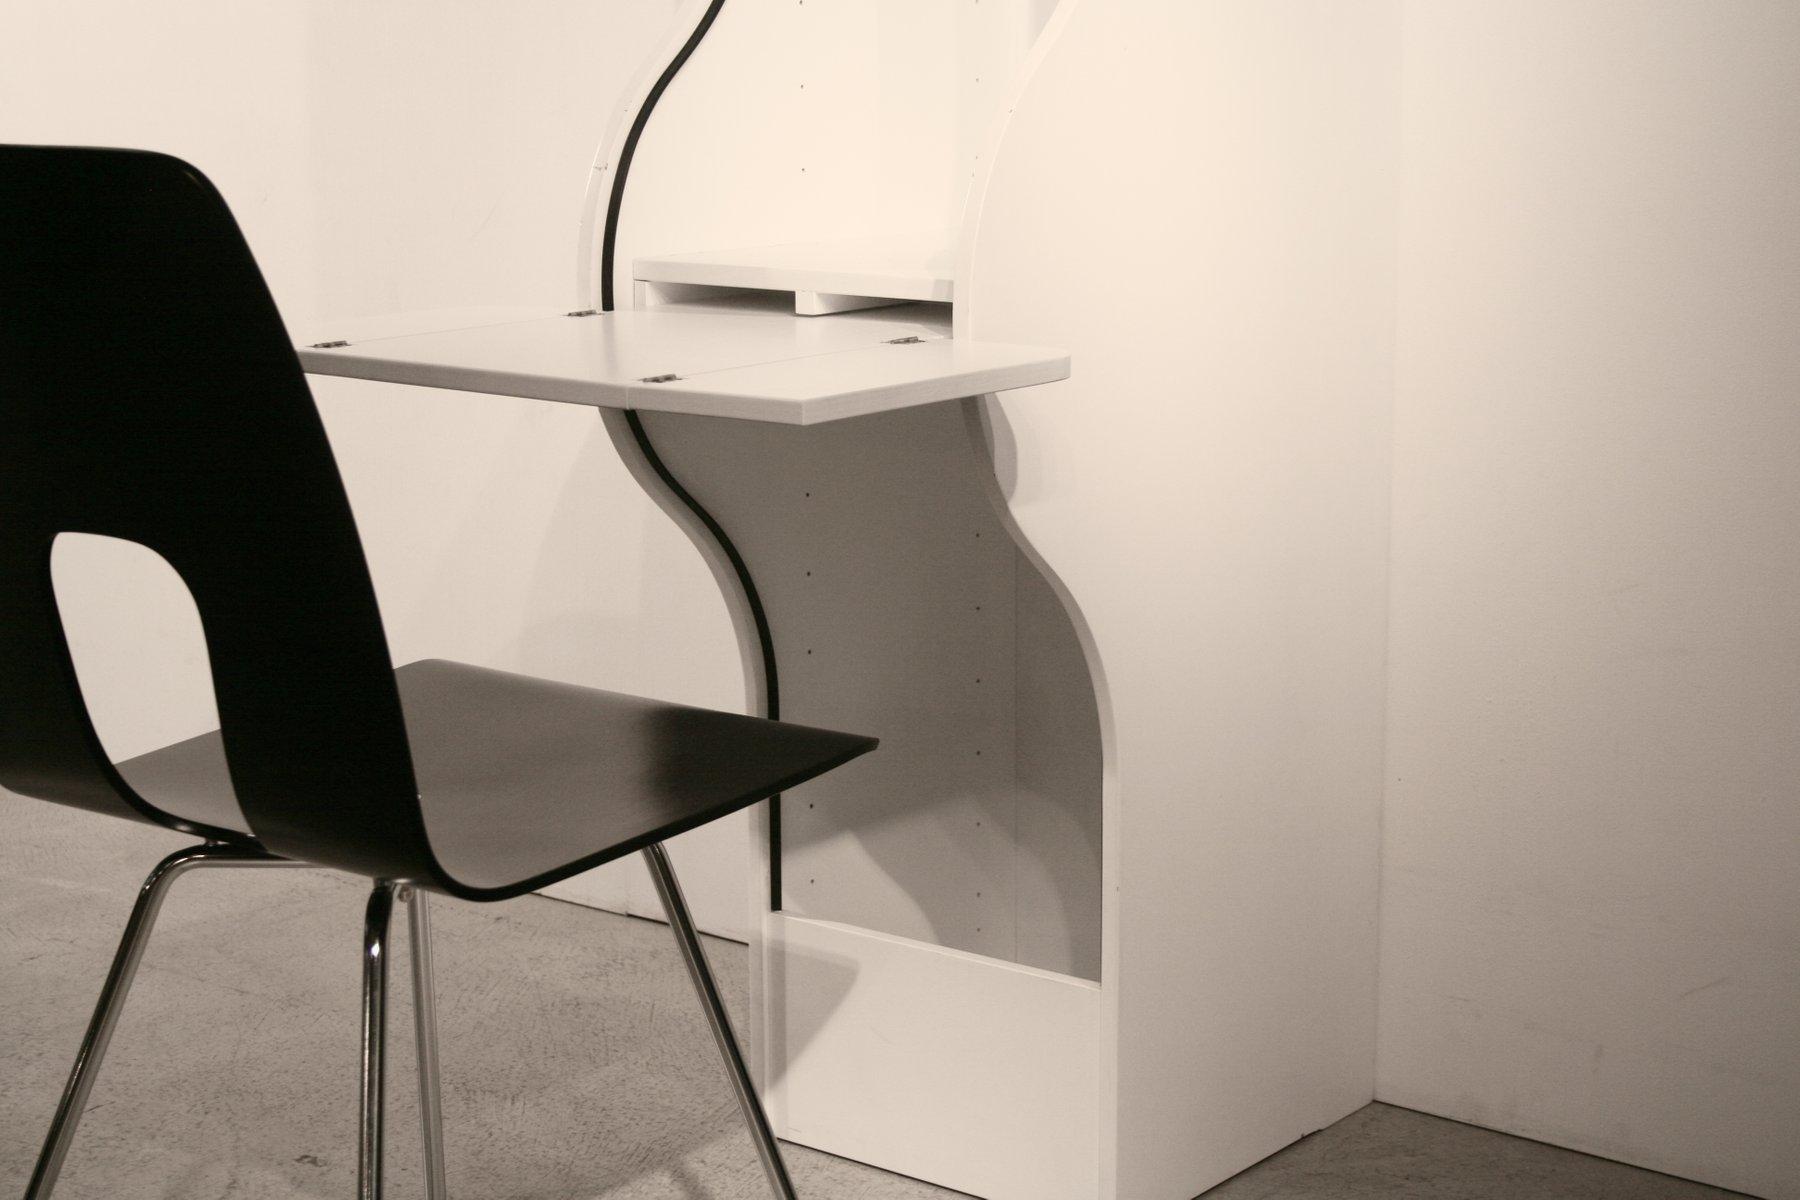 swiss roller shutter secretary by klaus vogt for thut m bel 1960s for sale at pamono. Black Bedroom Furniture Sets. Home Design Ideas